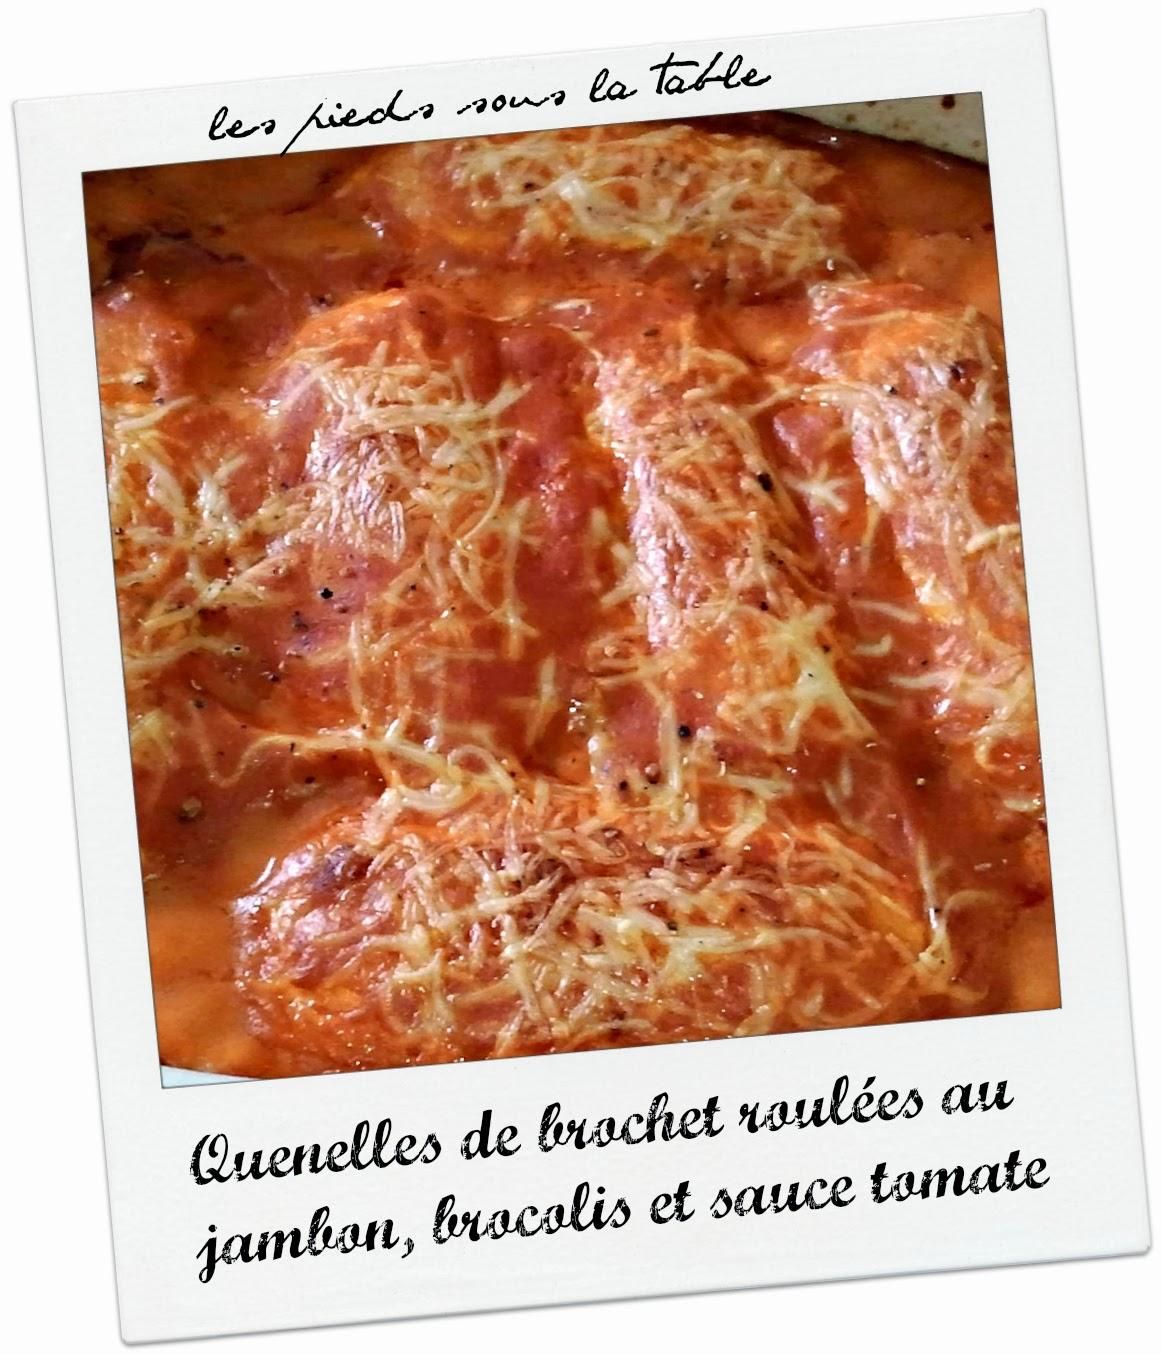 Quenelles de brochet roulées au jambon, brocolis et sauce tomate